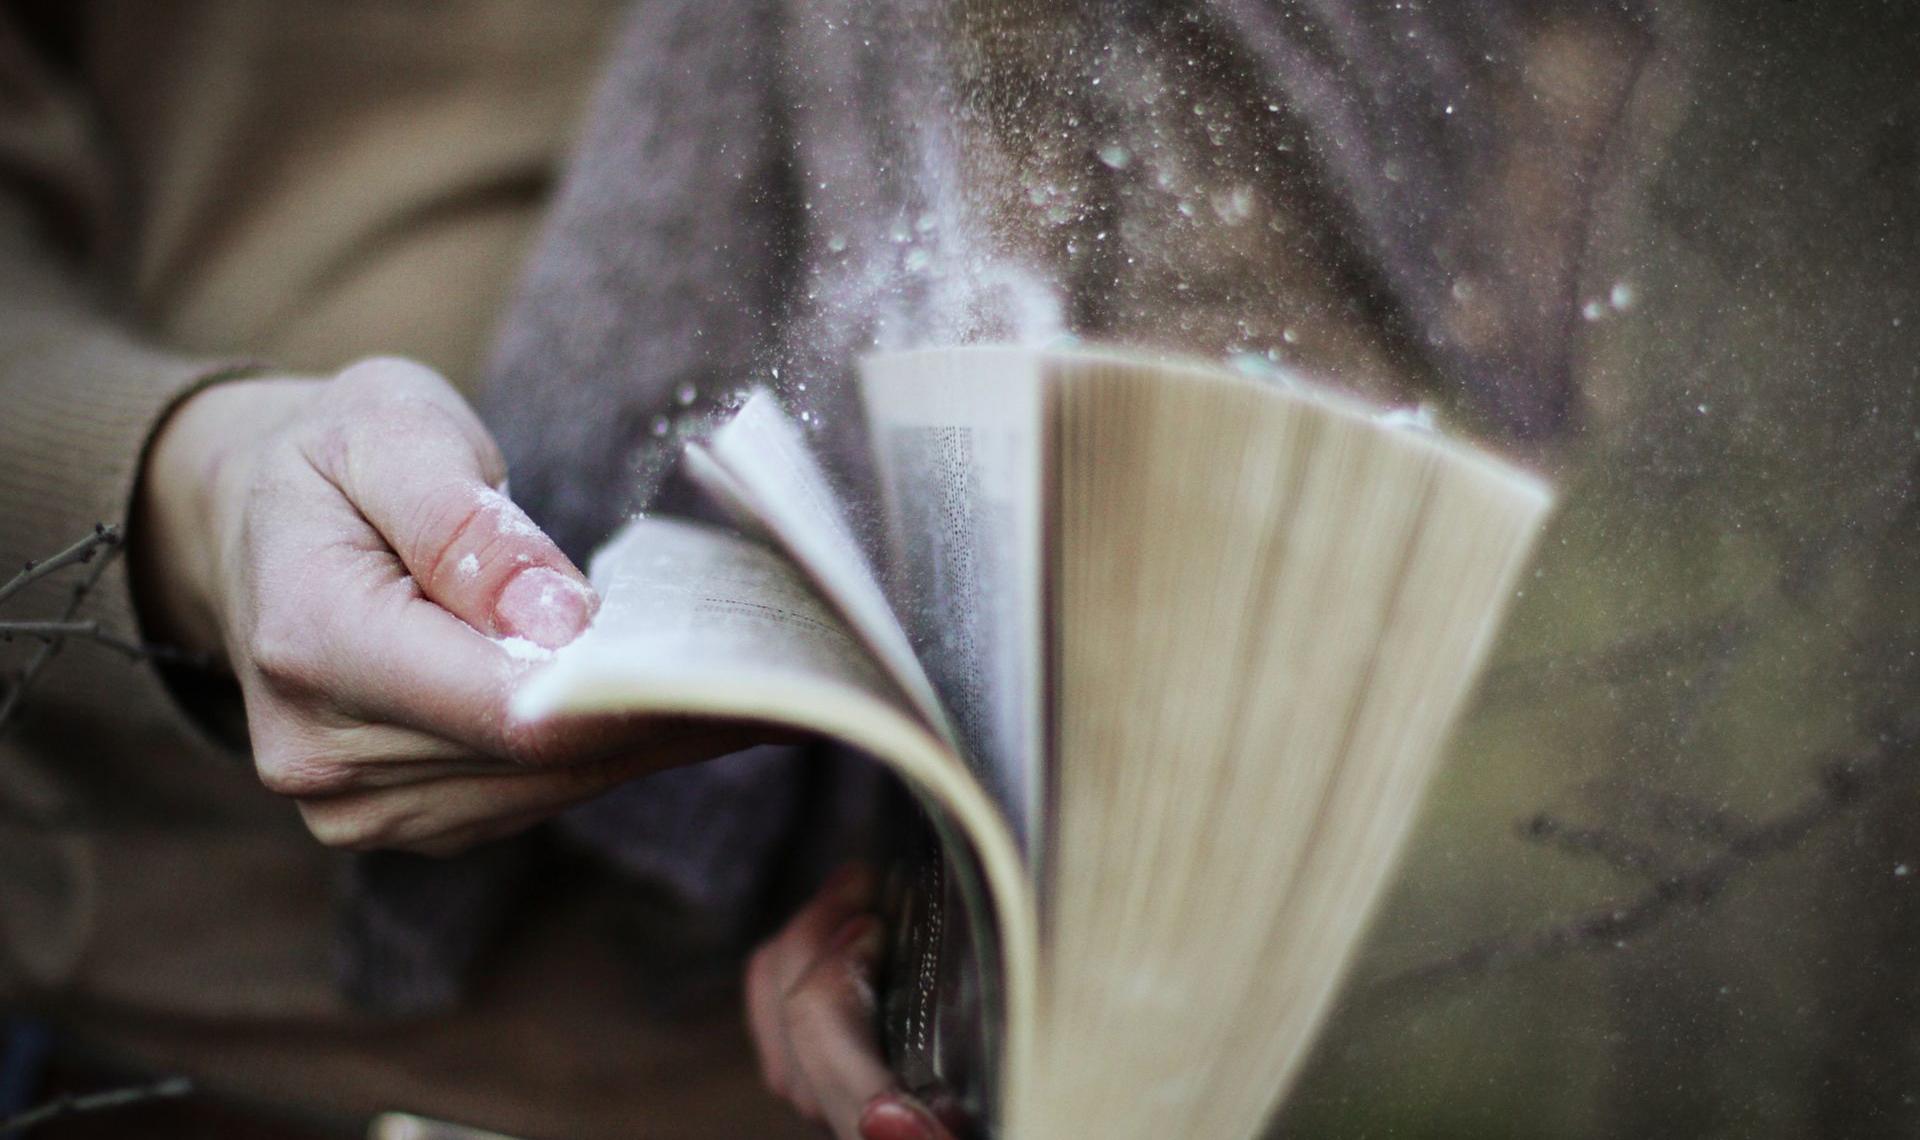 다 읽은 책을 남한테 주는 이유